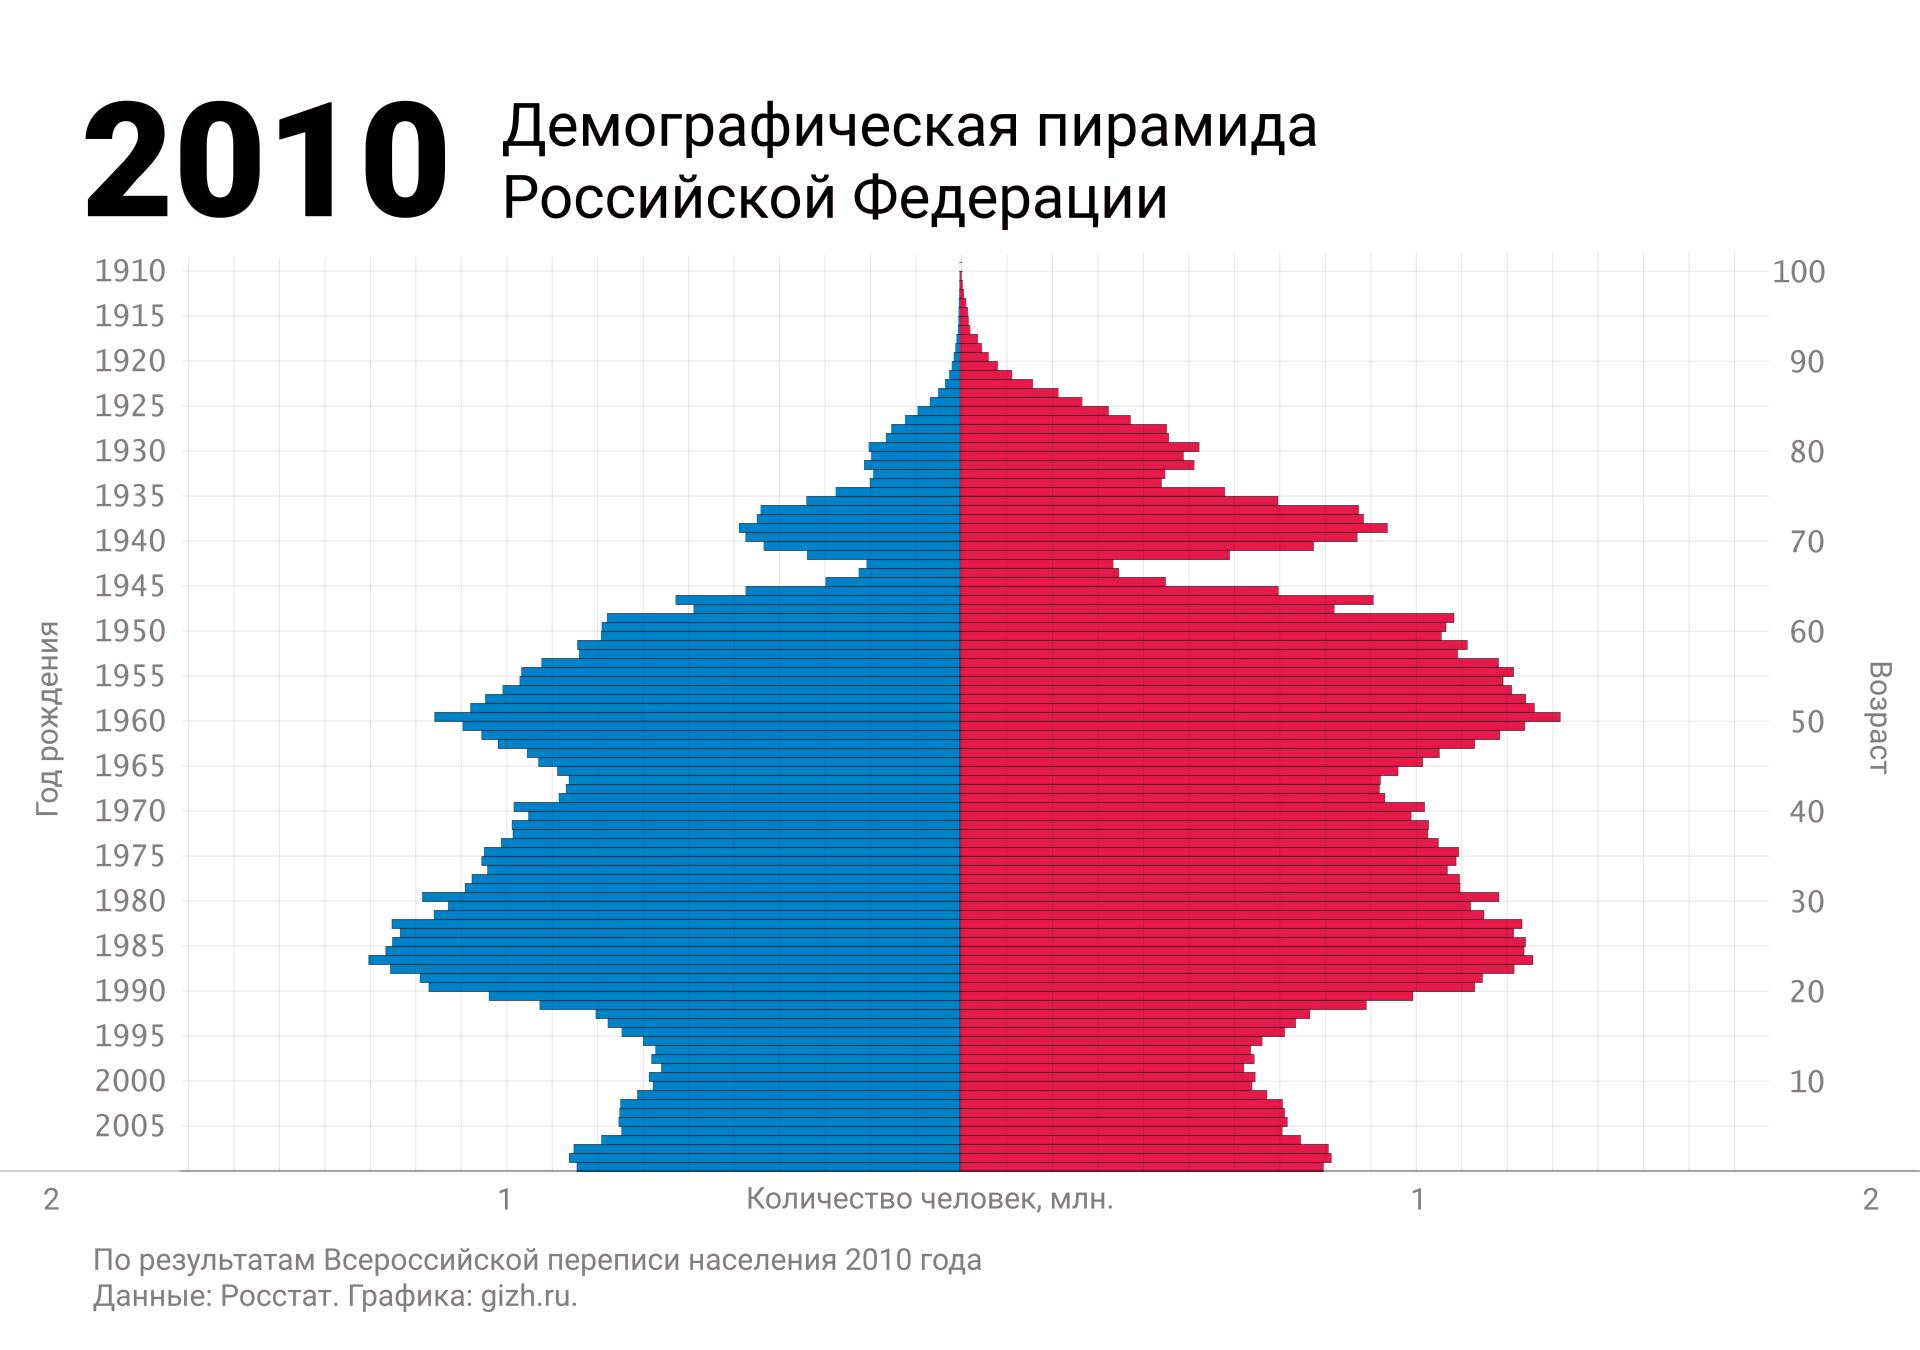 Демографическая (половозрастная) пирамида России по переписи 2010